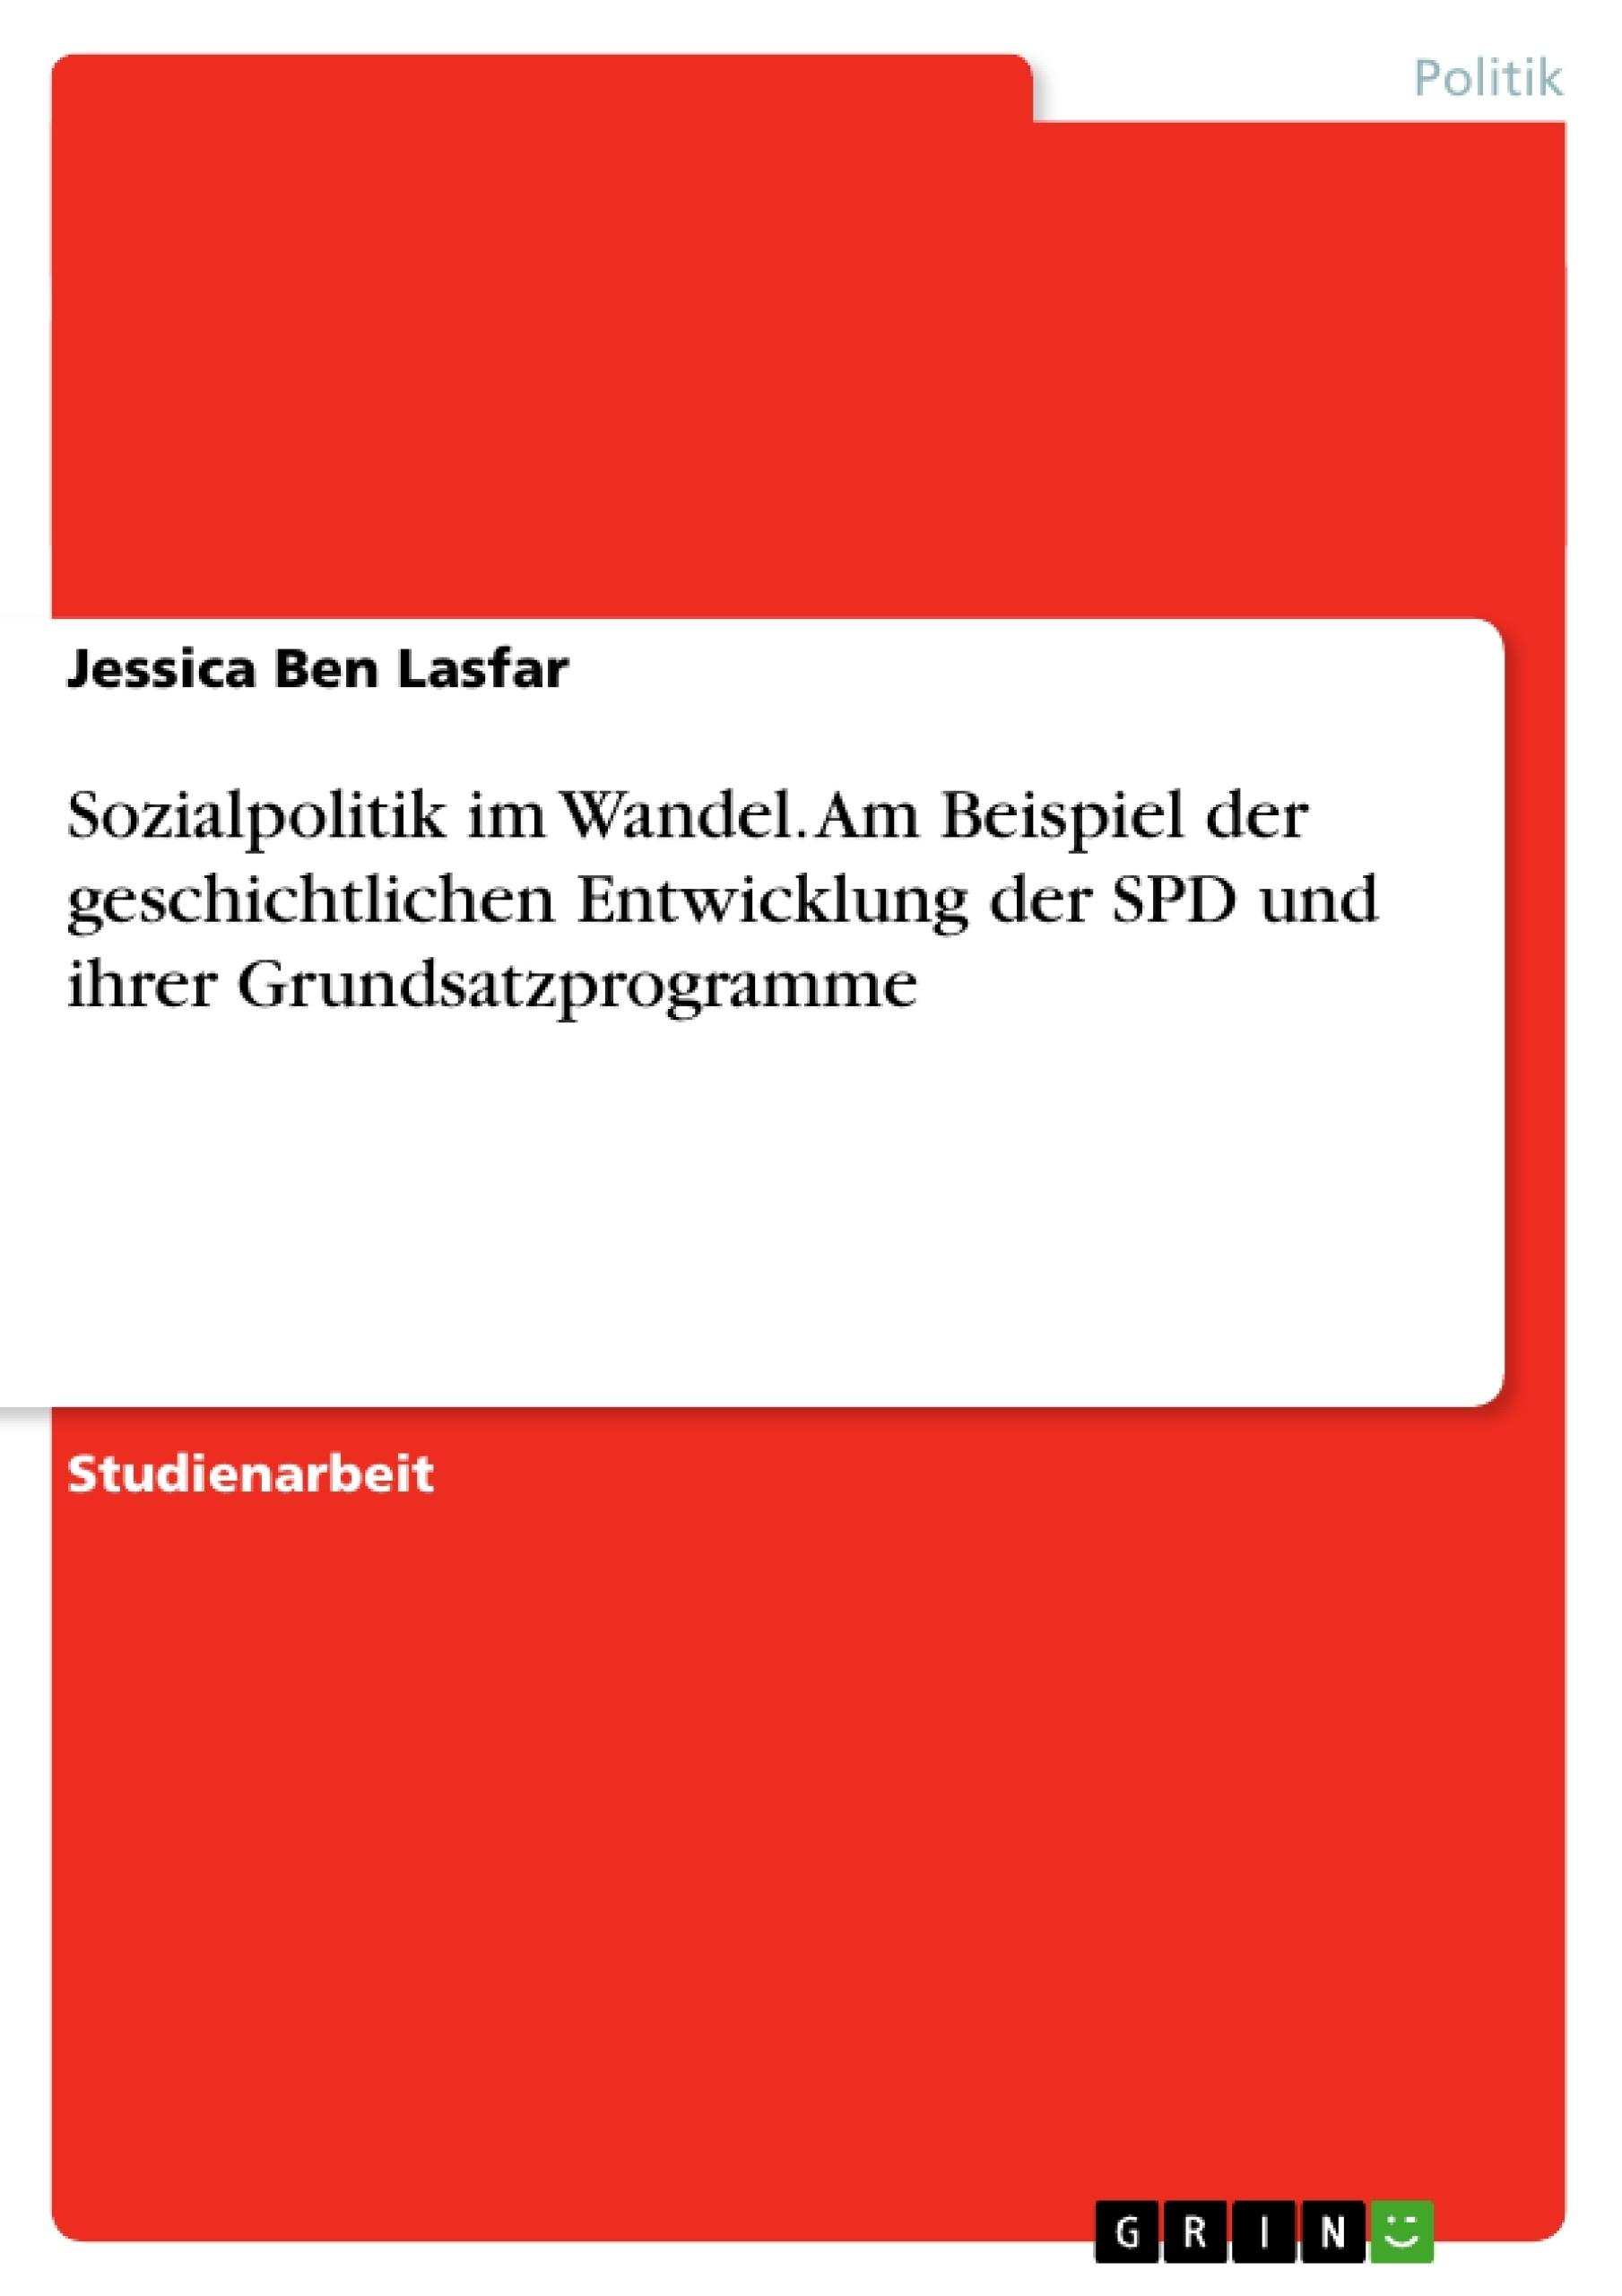 Titel: Sozialpolitik im Wandel. Am Beispiel der geschichtlichen Entwicklung der SPD und ihrer Grundsatzprogramme